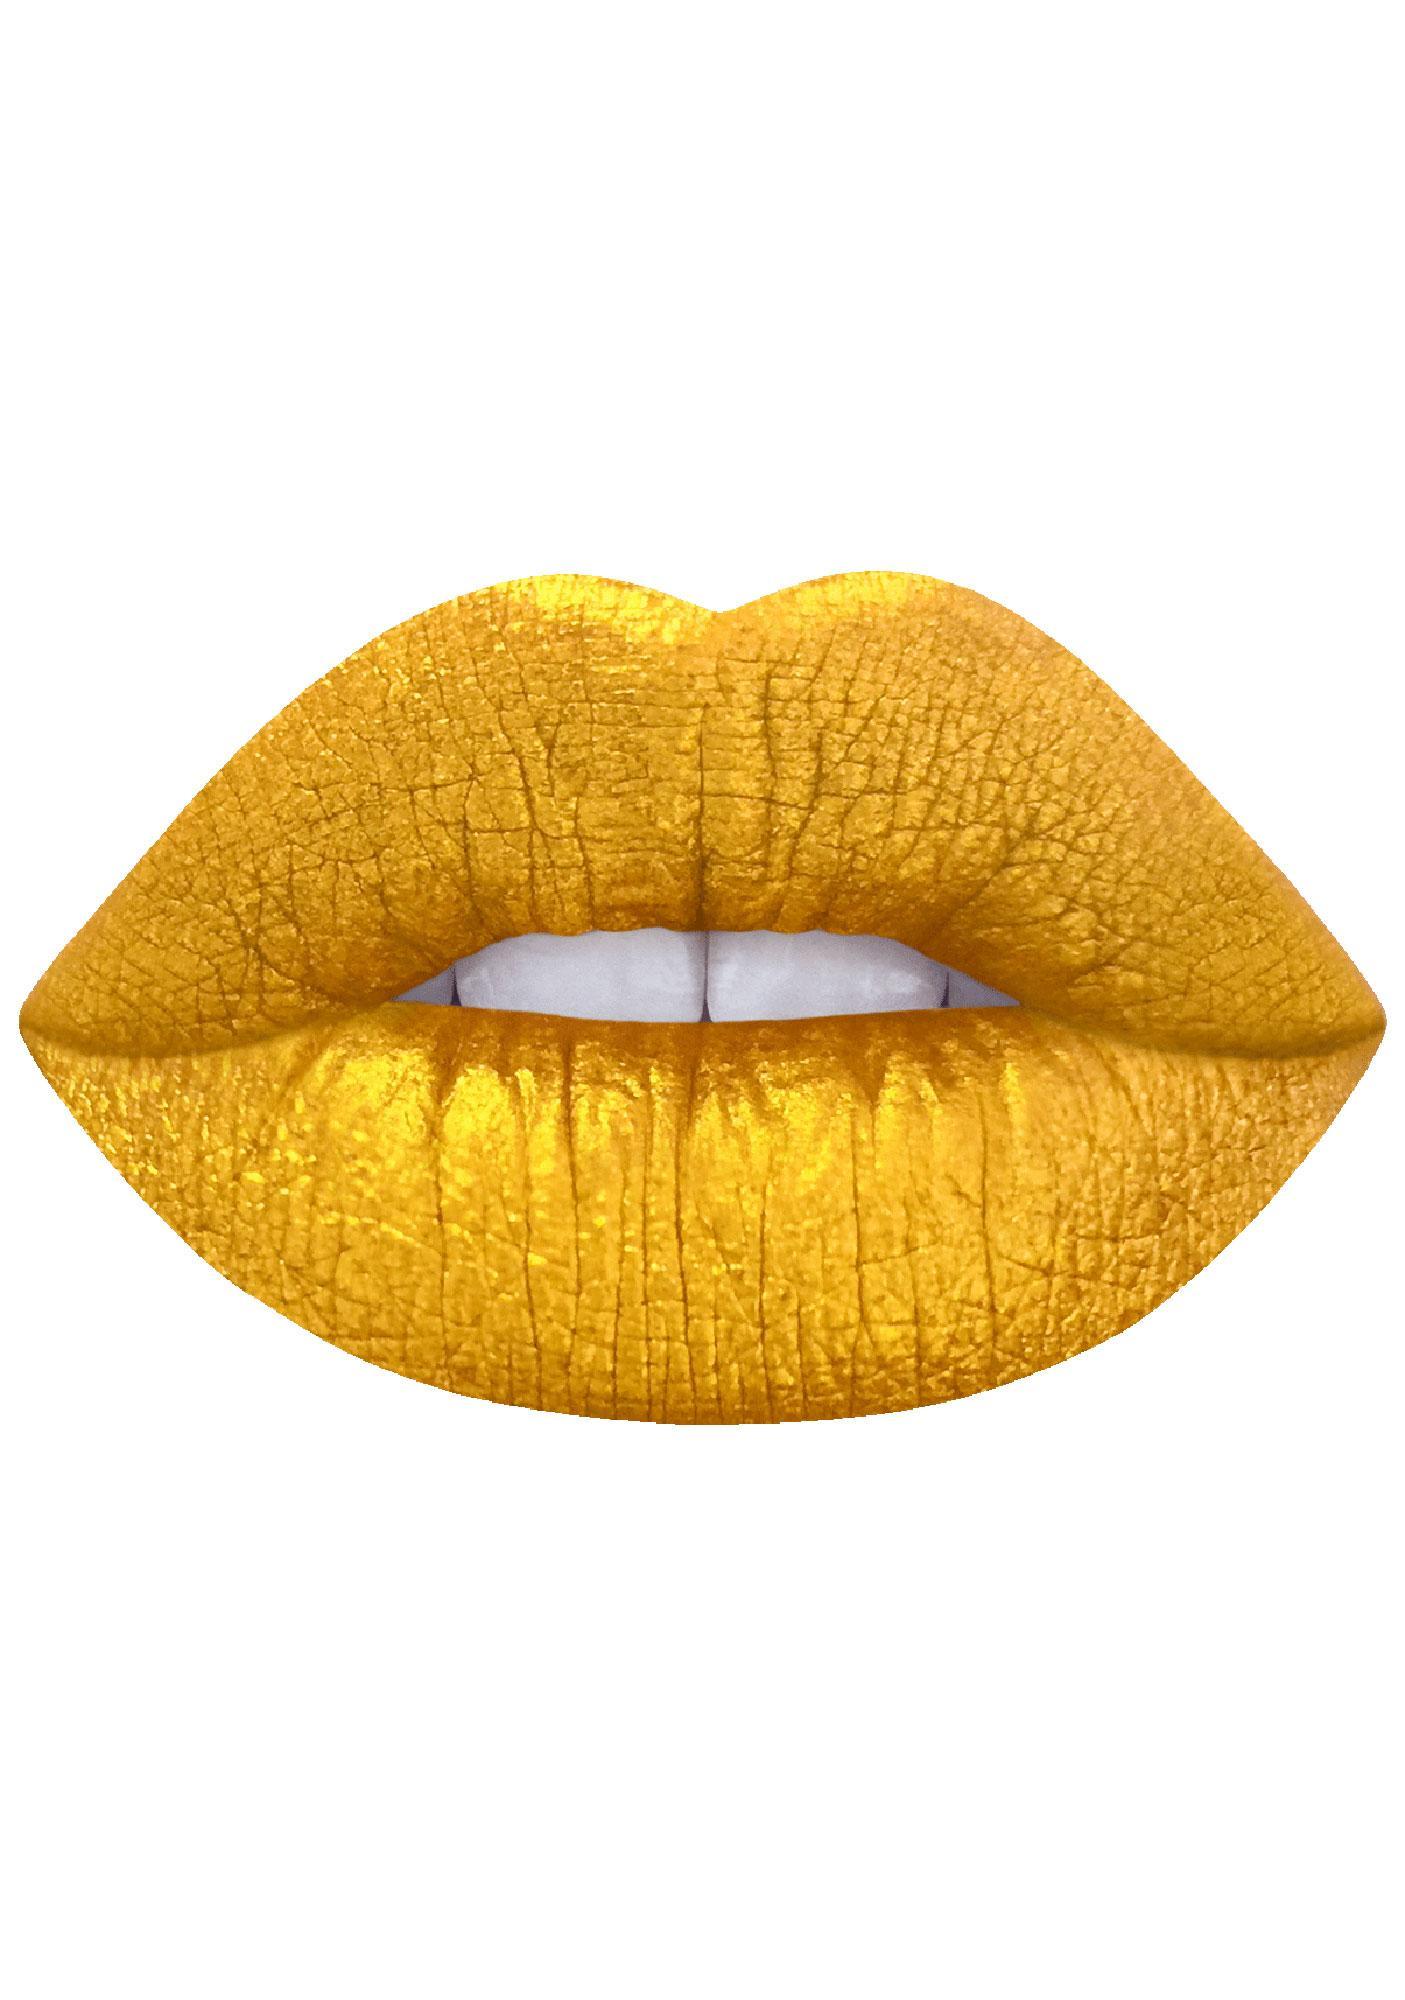 Lime Crime Zenon Velvetine Liquid Lipstick